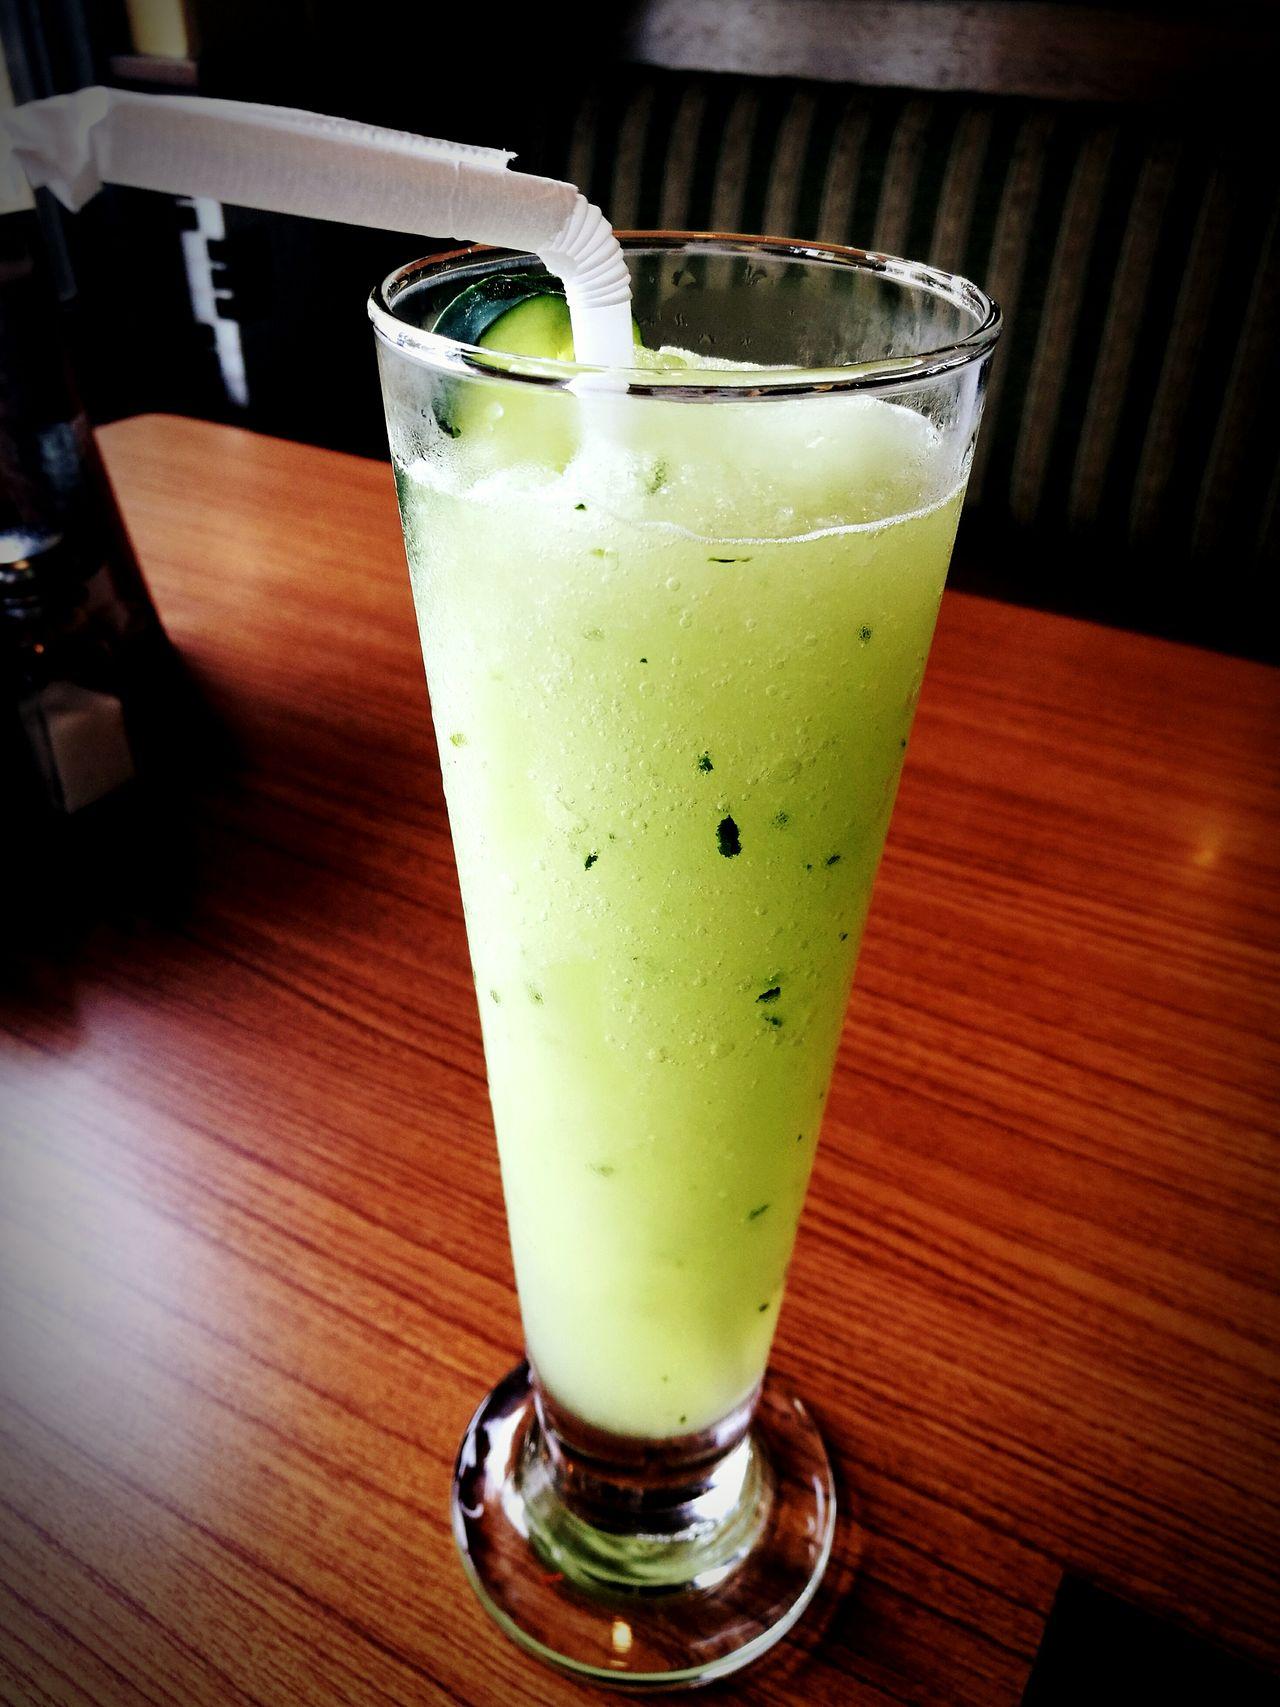 Coolerthanyou Cucumber Juice Lovingit 📷